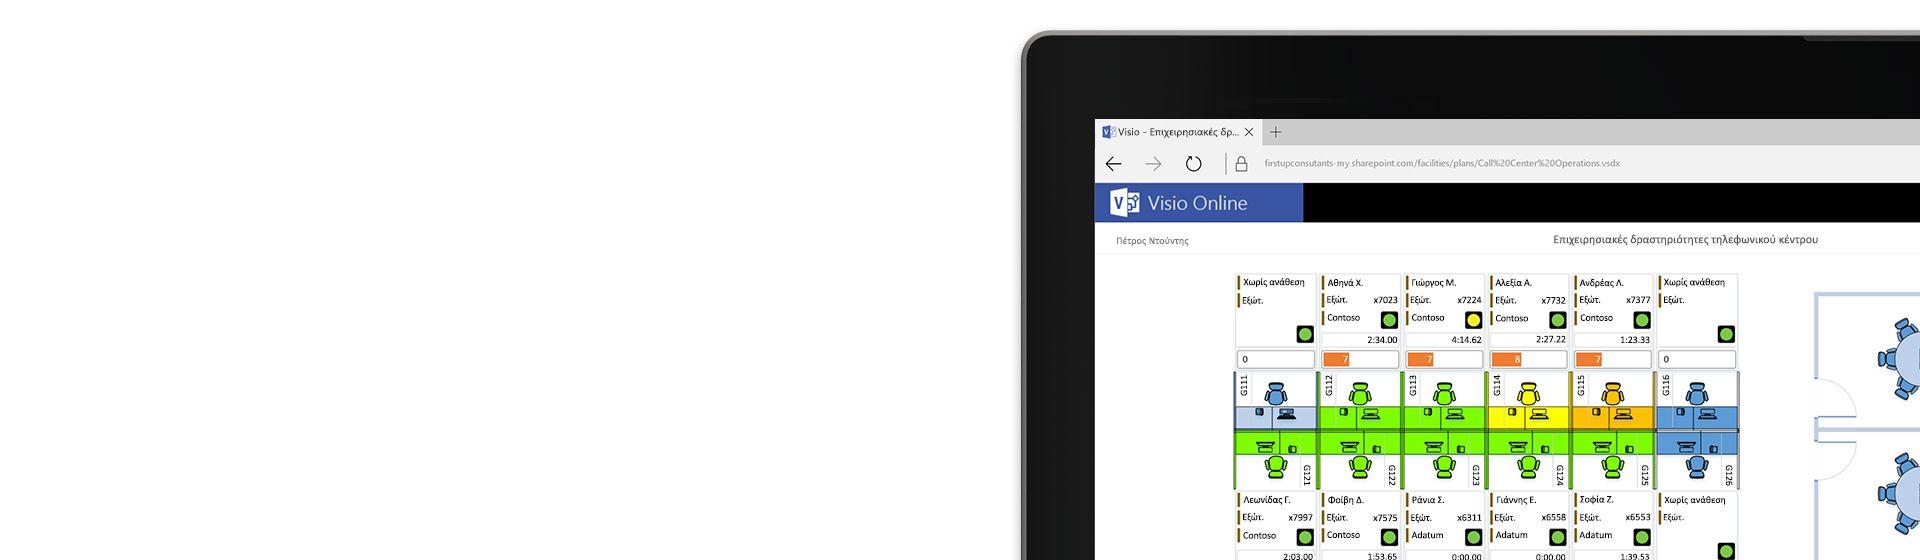 Εικόνα γωνίας οθόνης tablet όπου εμφανίζεται ένα διάγραμμα κάτοψης ενός τηλεφωνικού κέντρου στο Visio